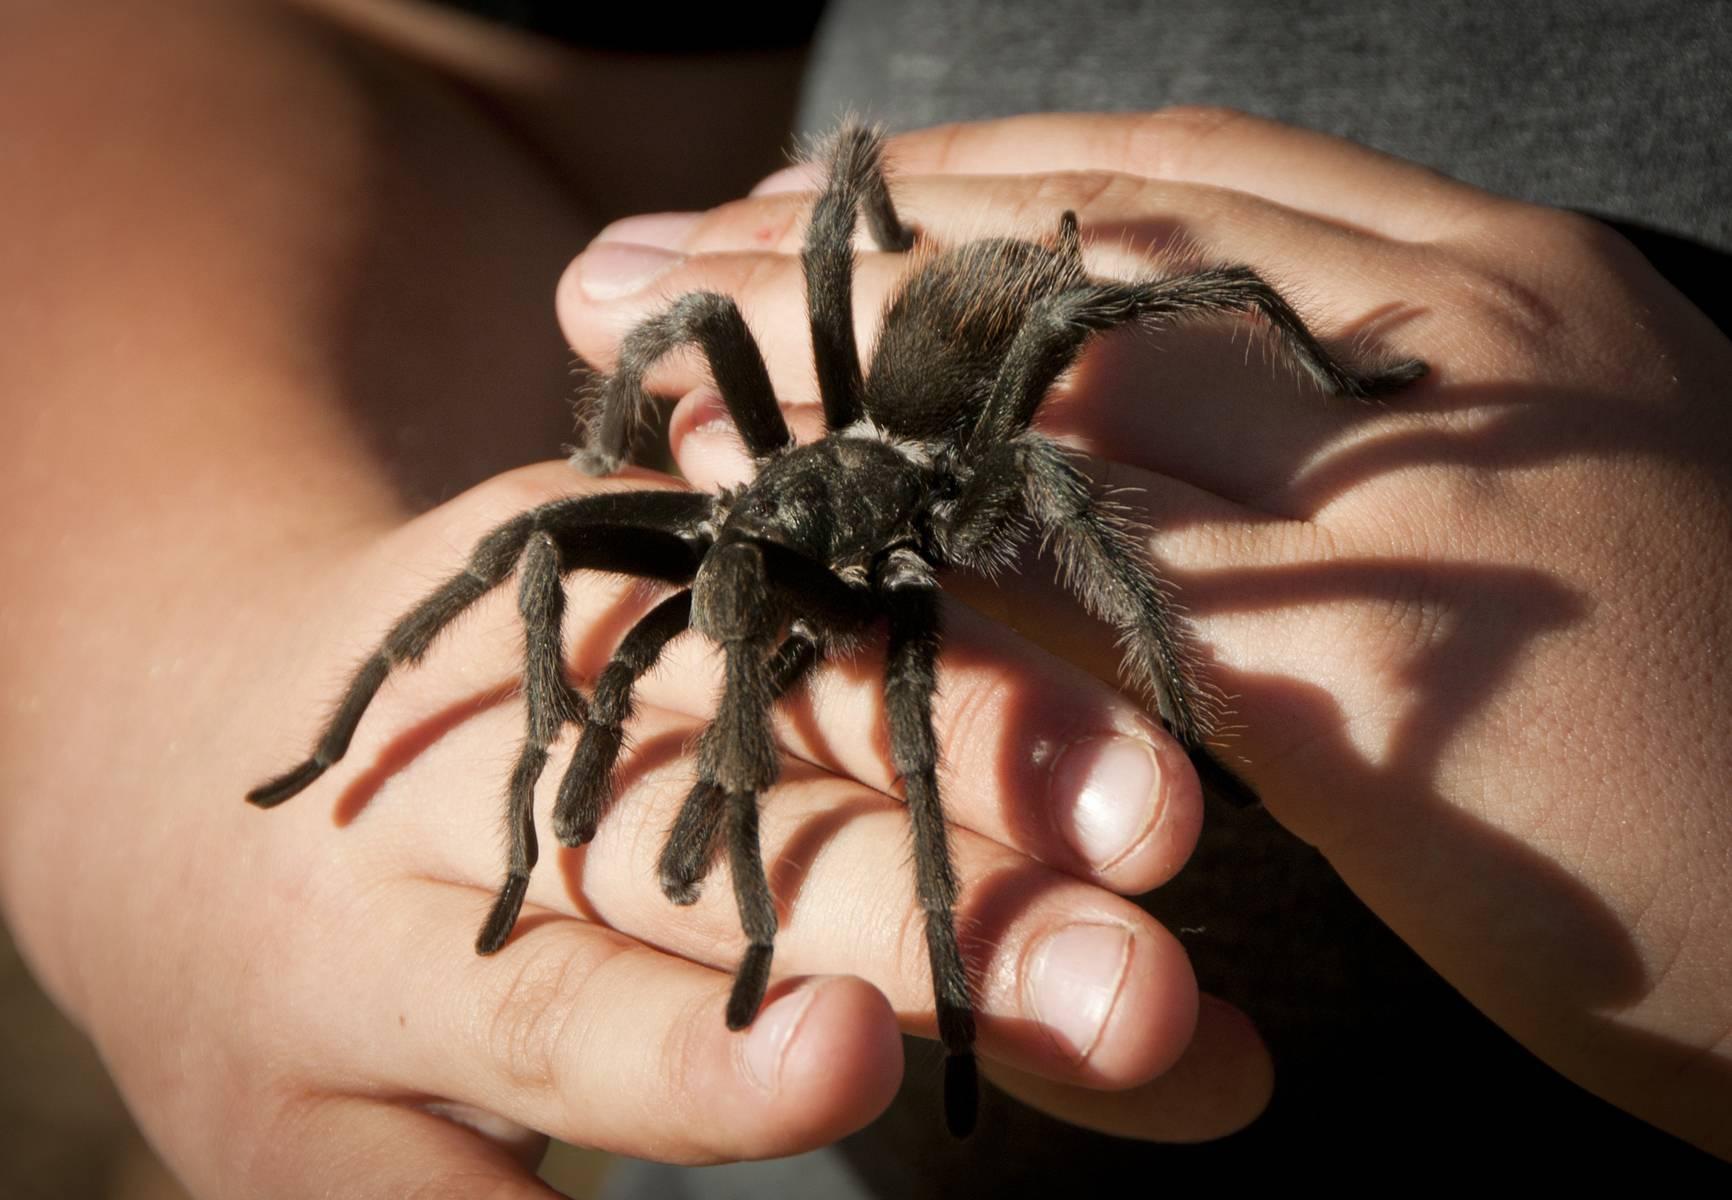 Арахнофобия (боязнь пауков): как избавиться от страха